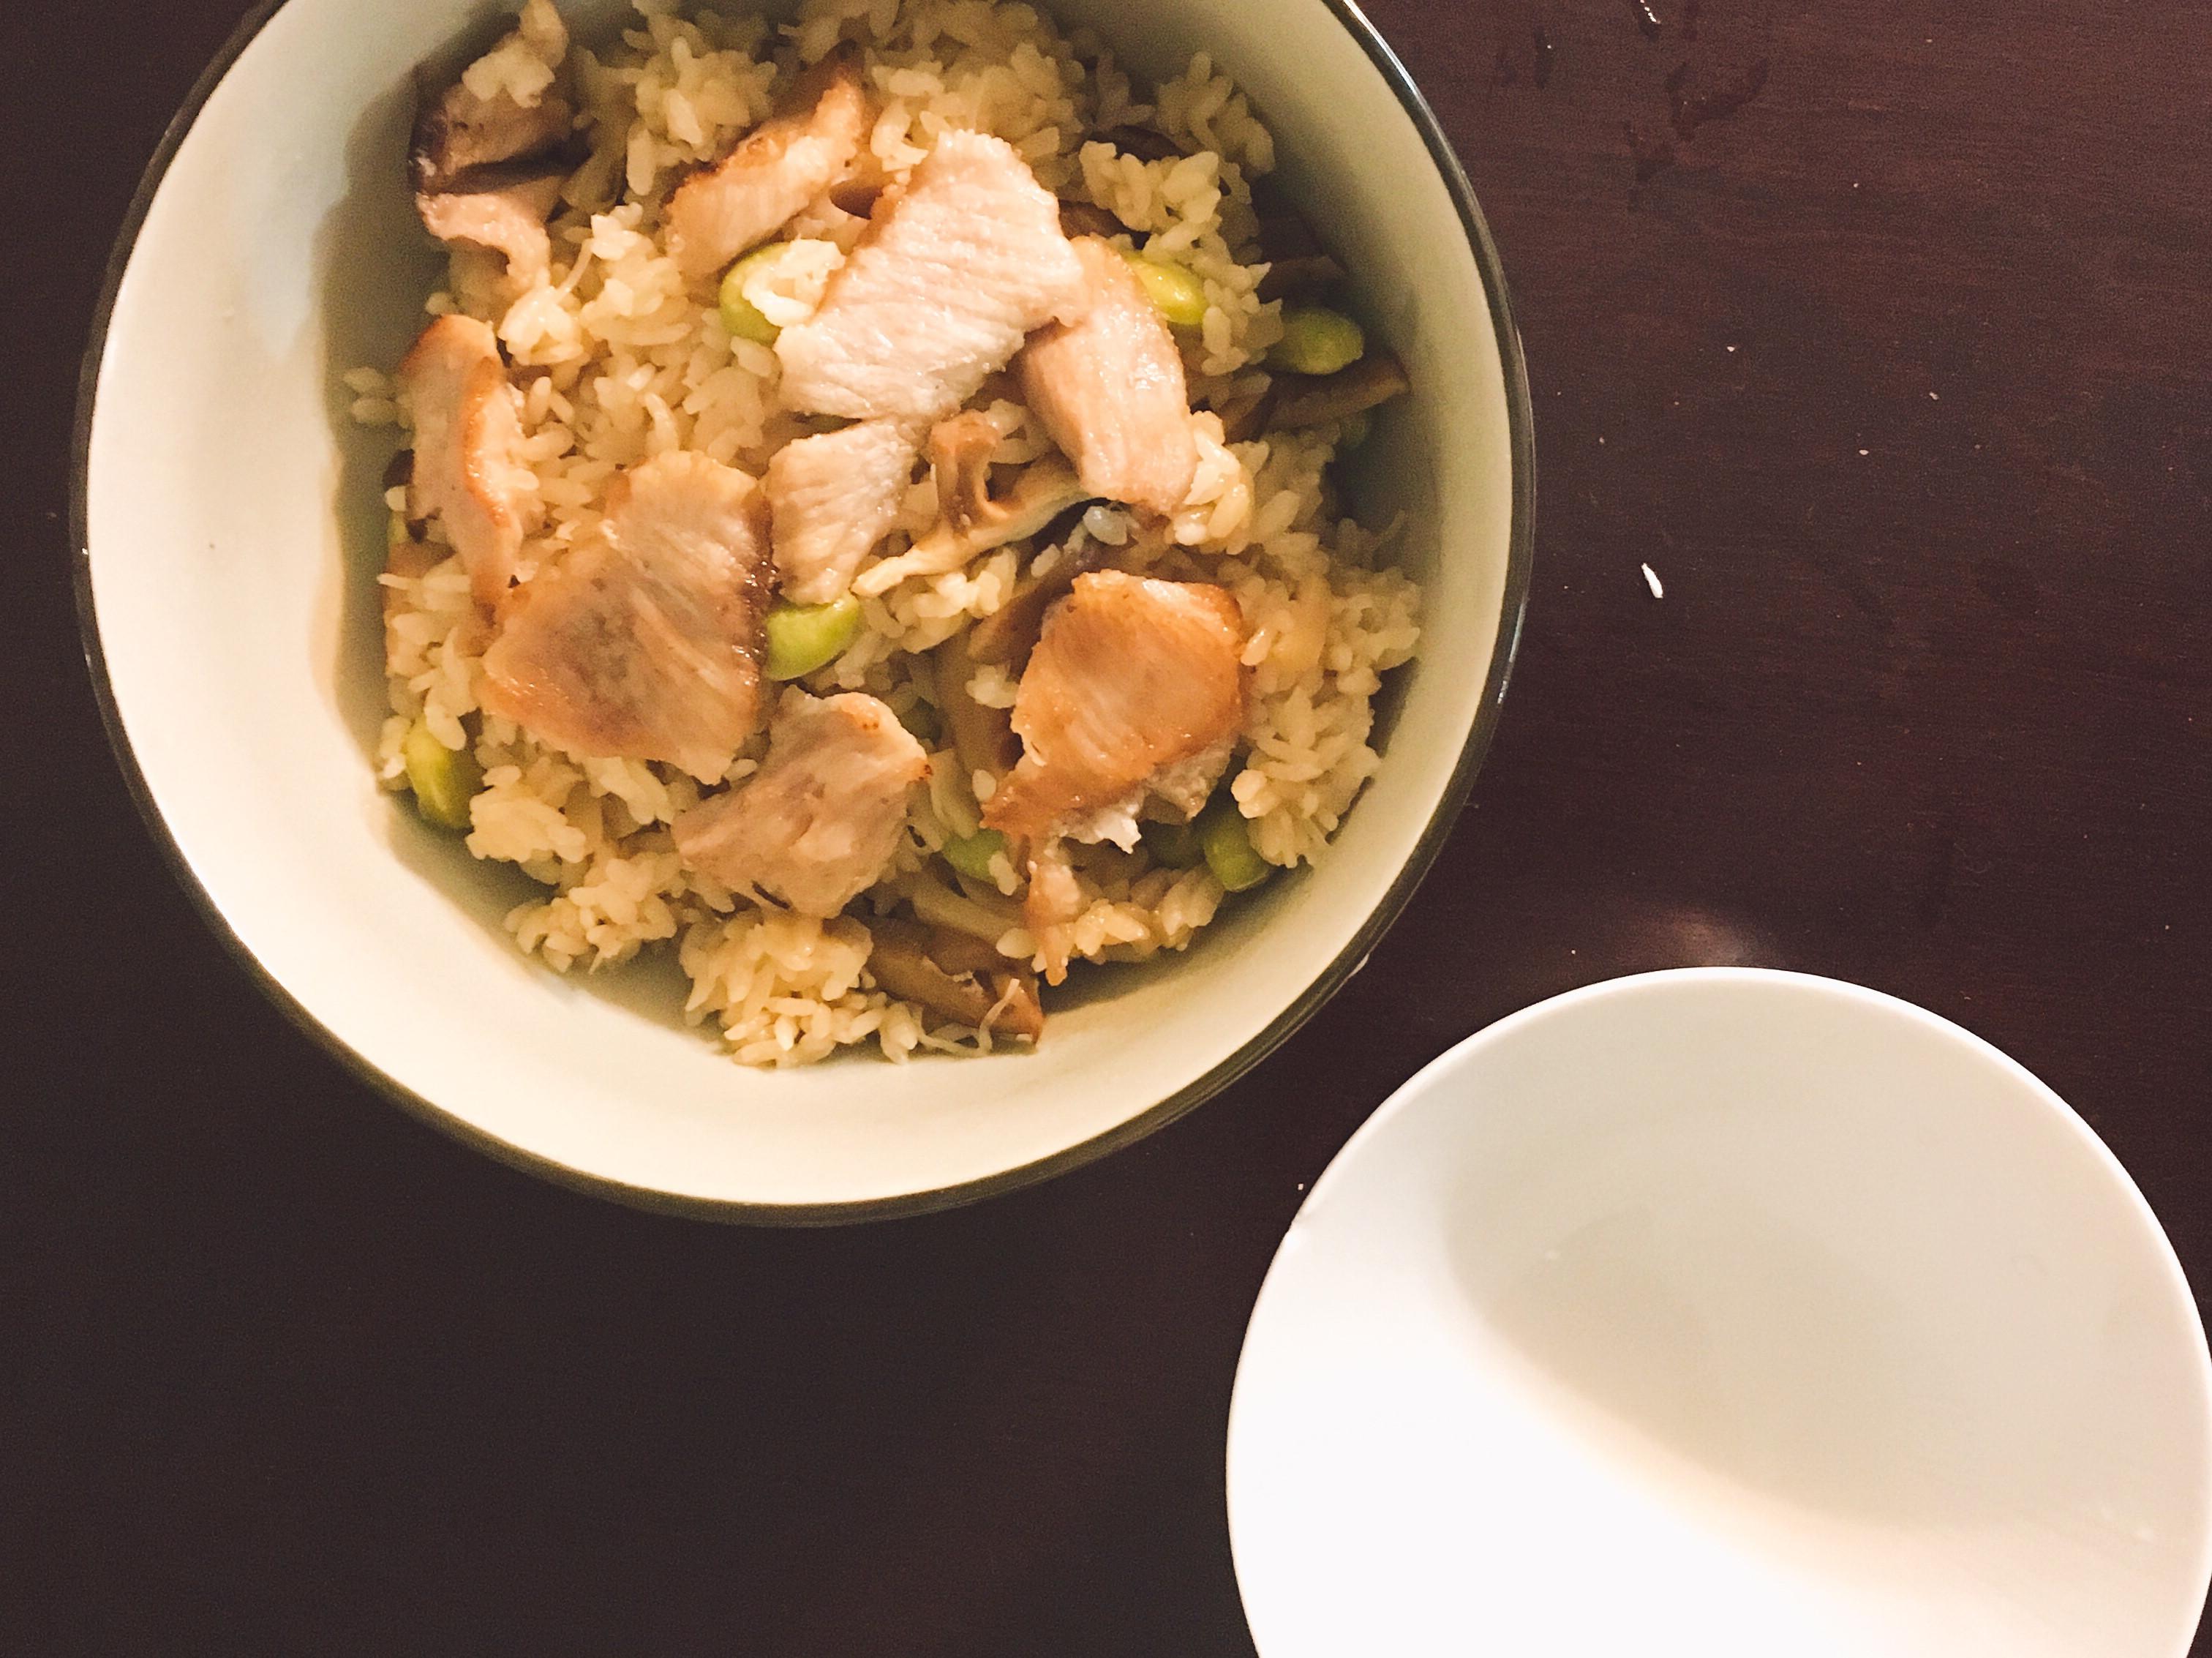 [史雲生清雞湯]干貝炊飯佐香菇豬肉片